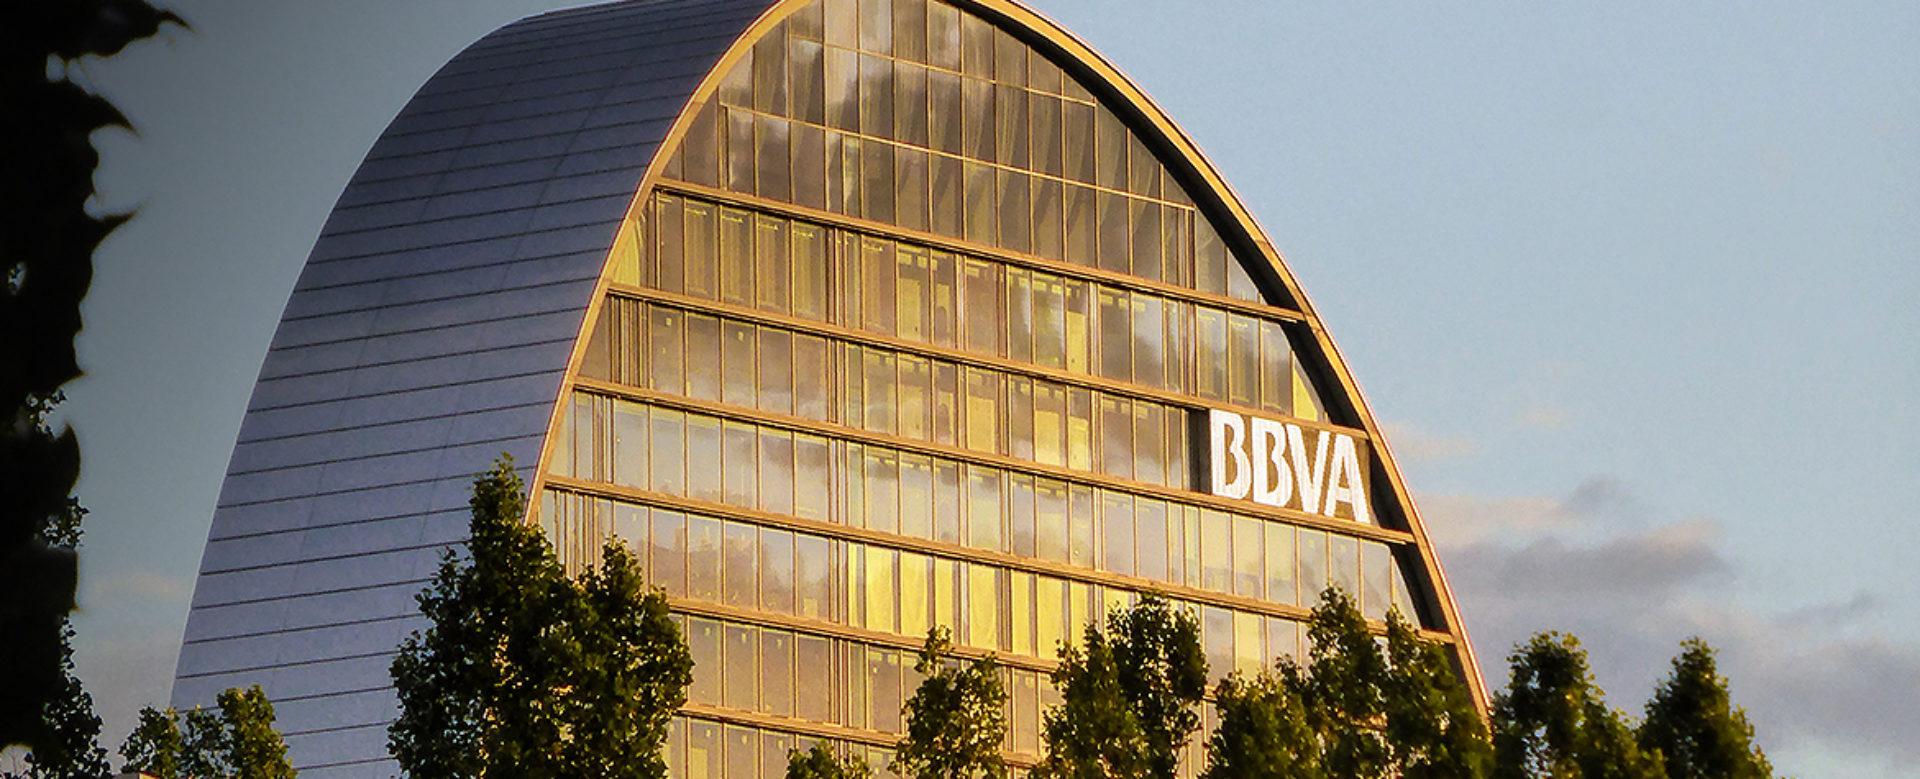 La prevención de la corrupción en el Grupo BBVA